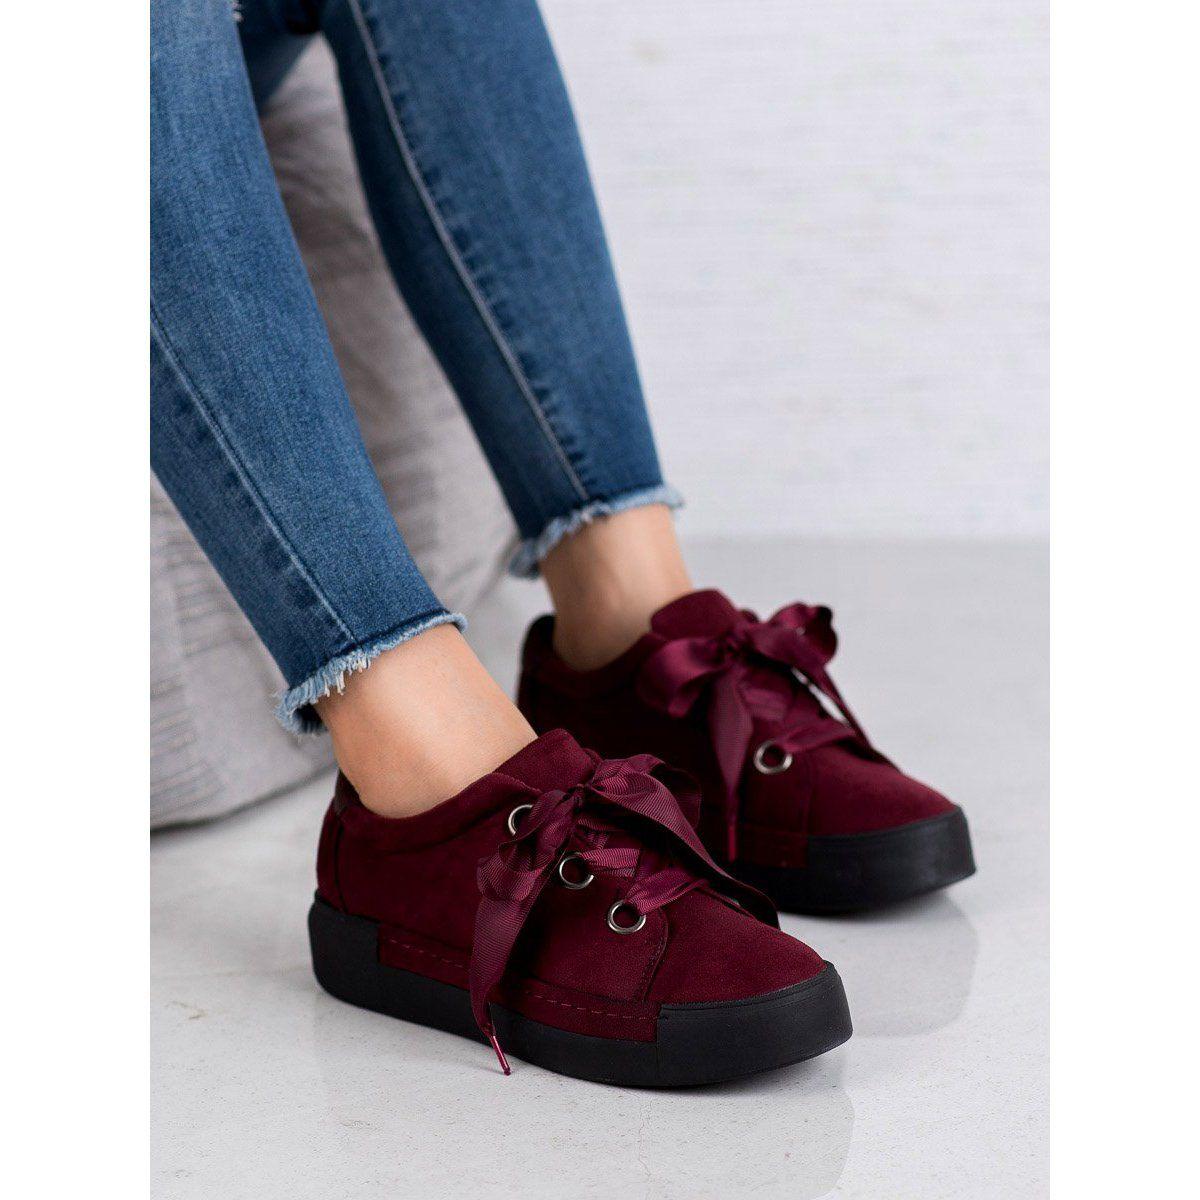 Shelovet Buty Wiazane Wstazka Czerwone Bow Sneakers Puma Sneaker Sneakers